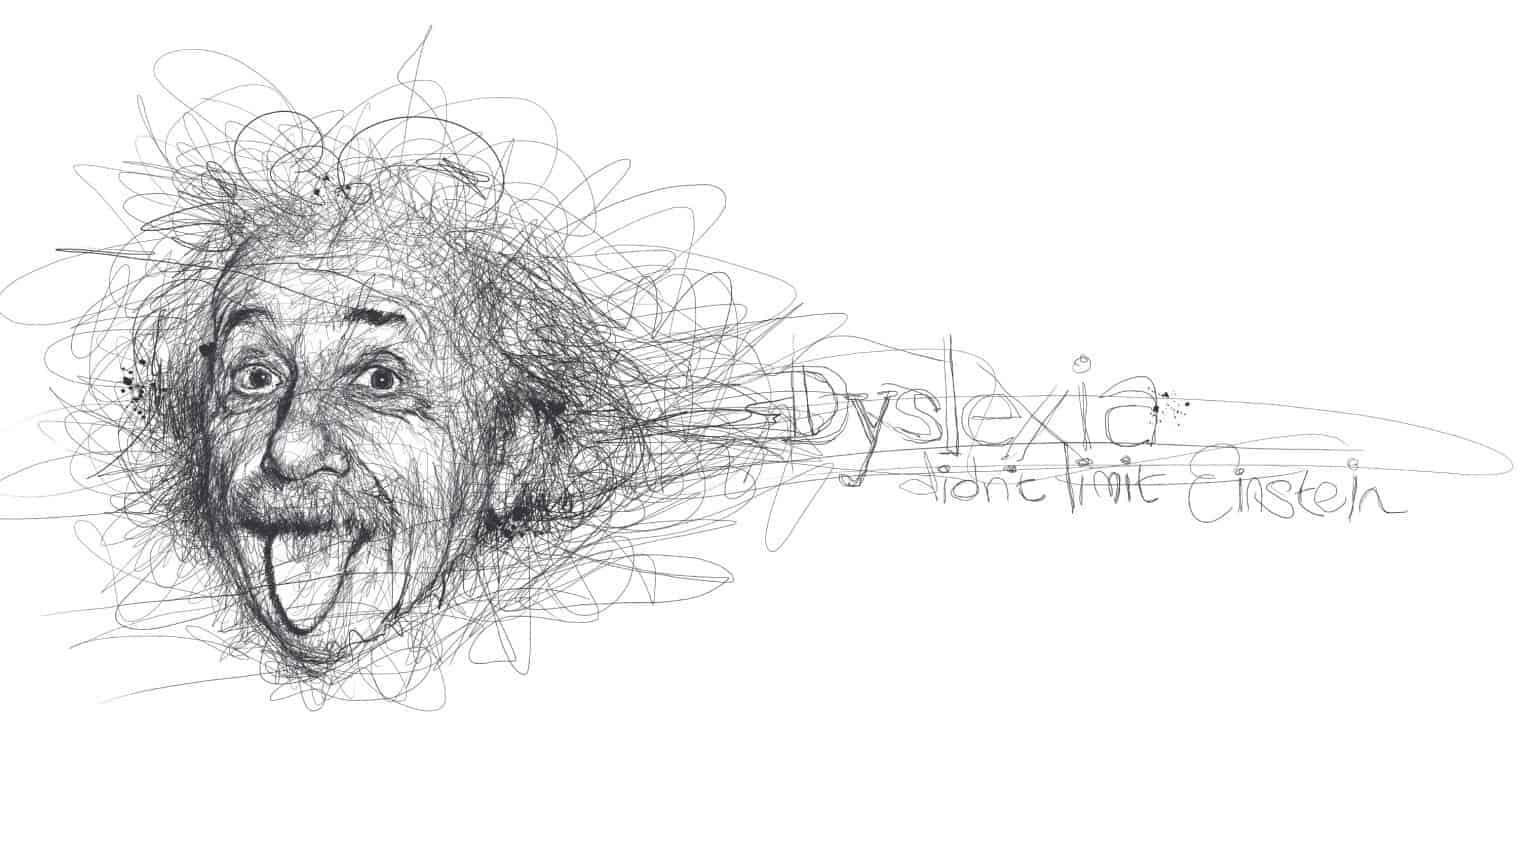 Vince Low Dyslexia Einstein